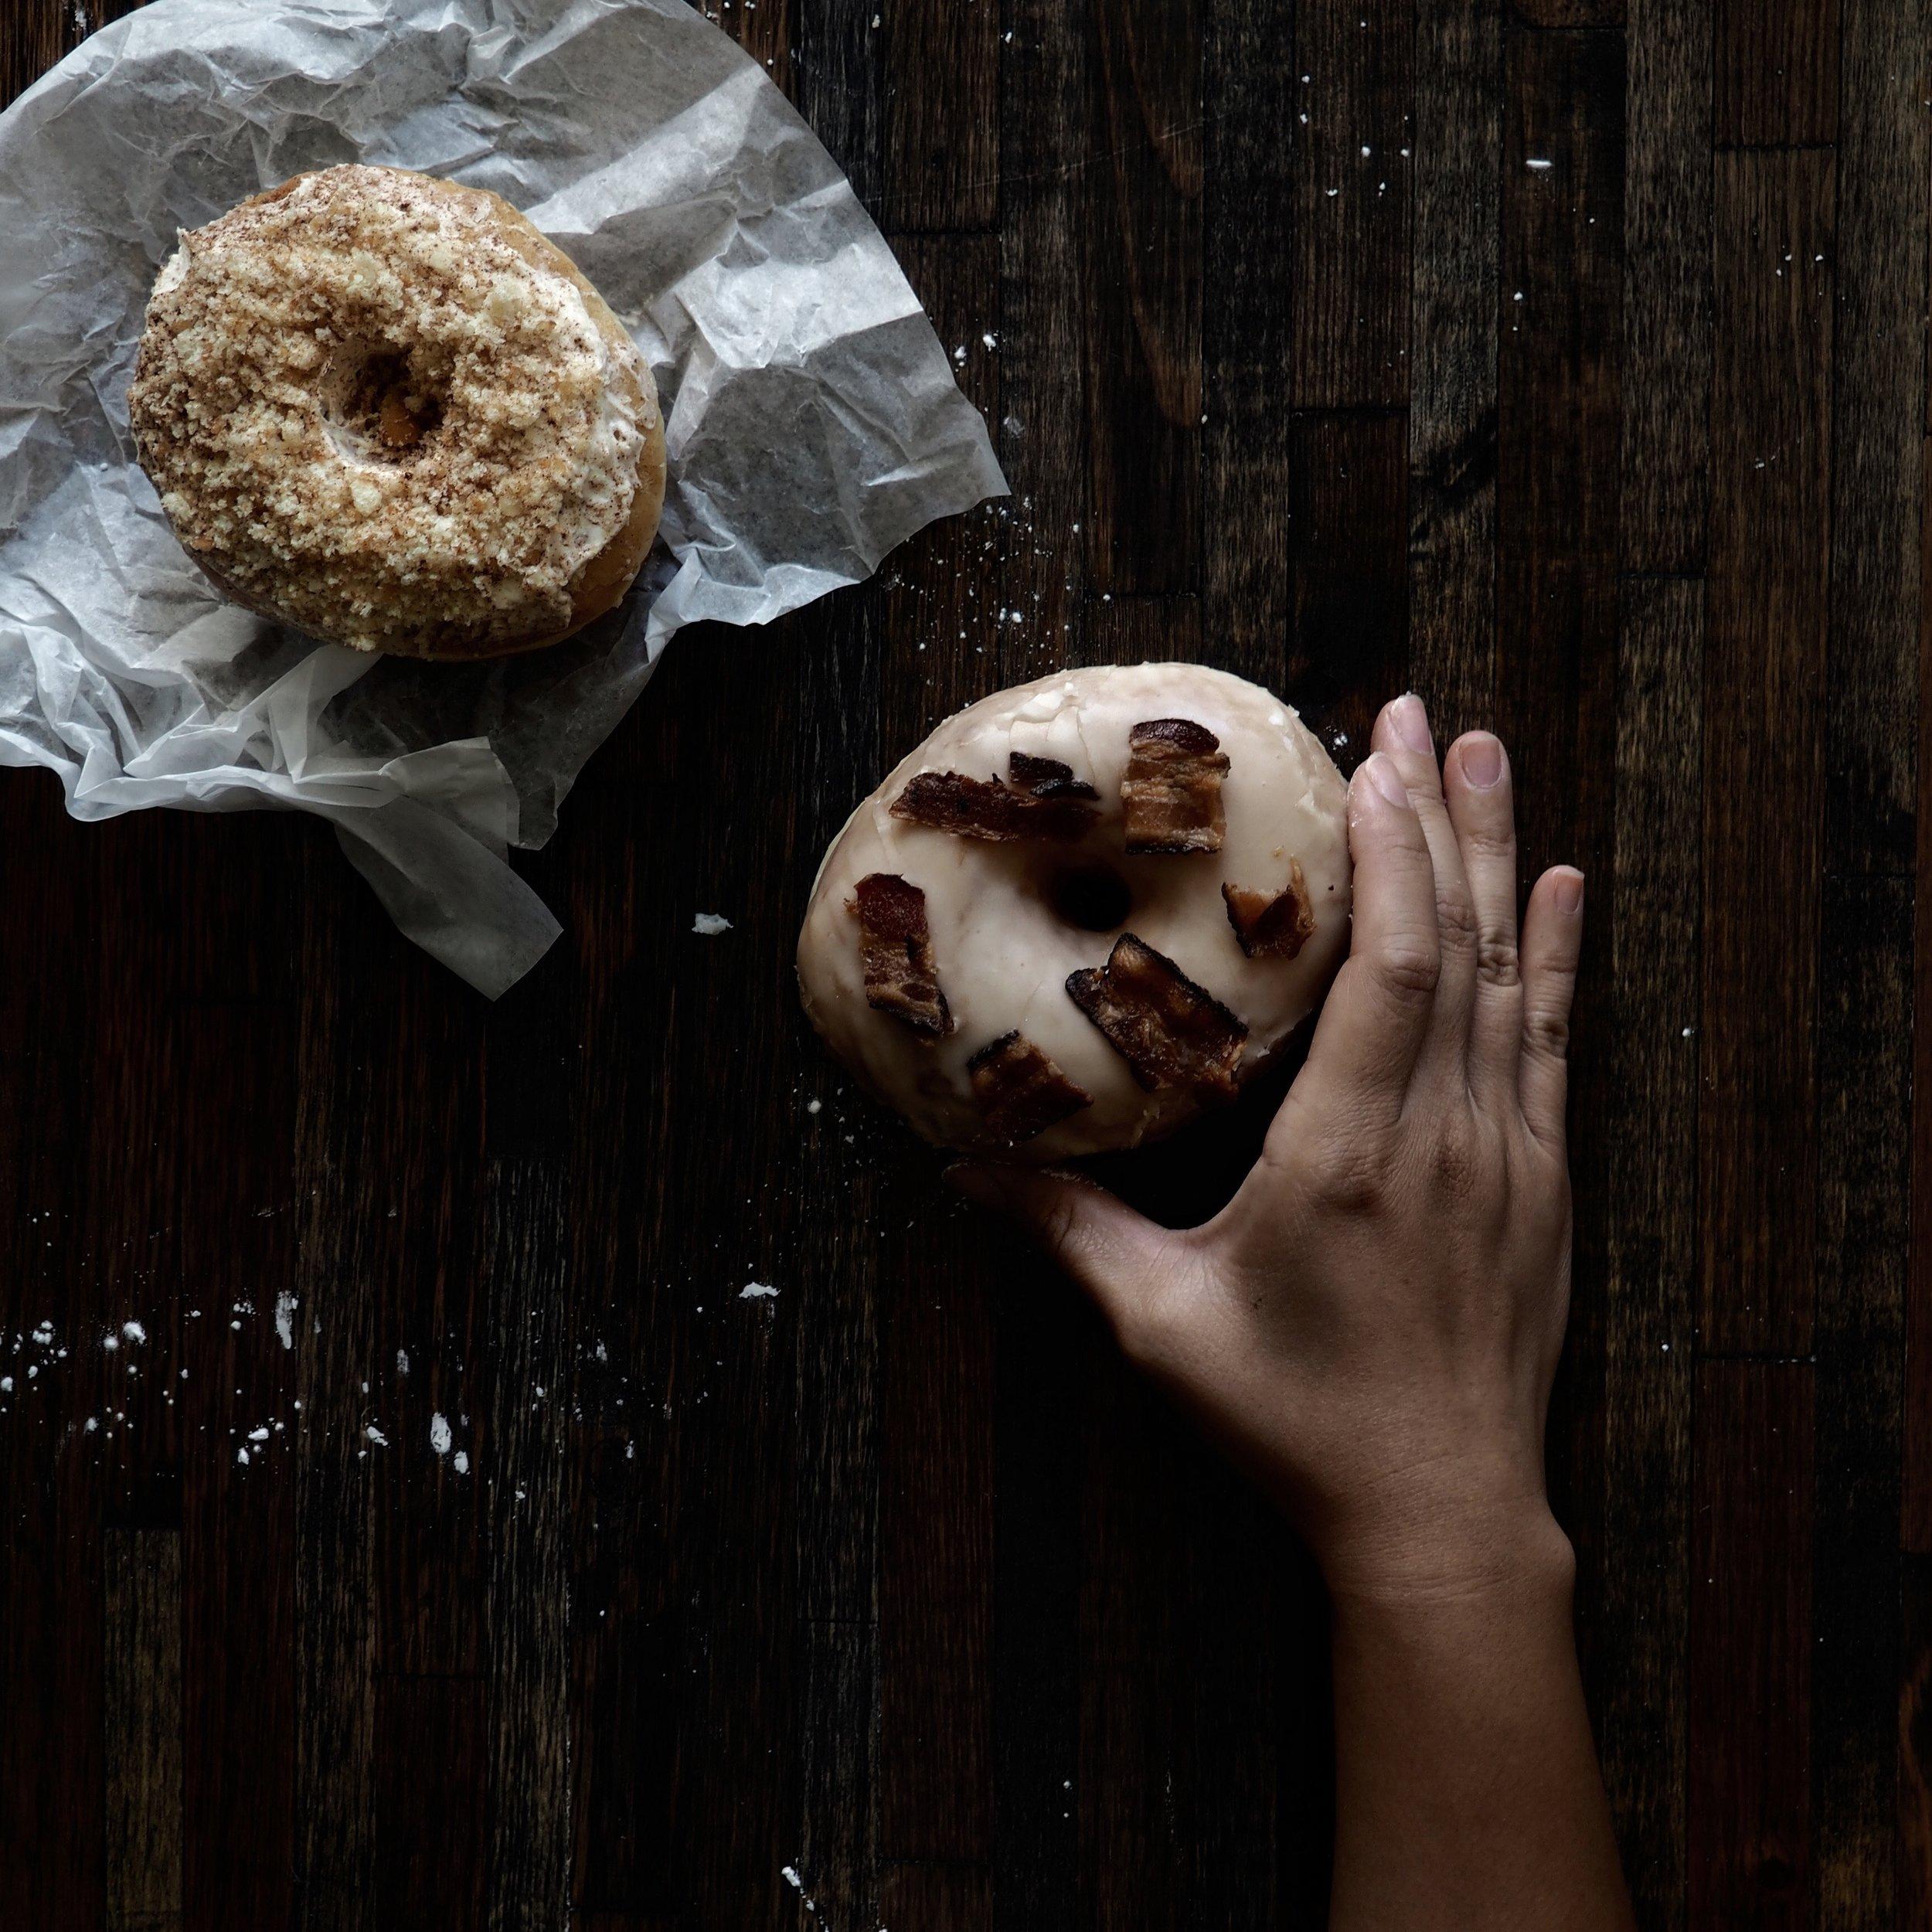 toronto-glory-hole-donut